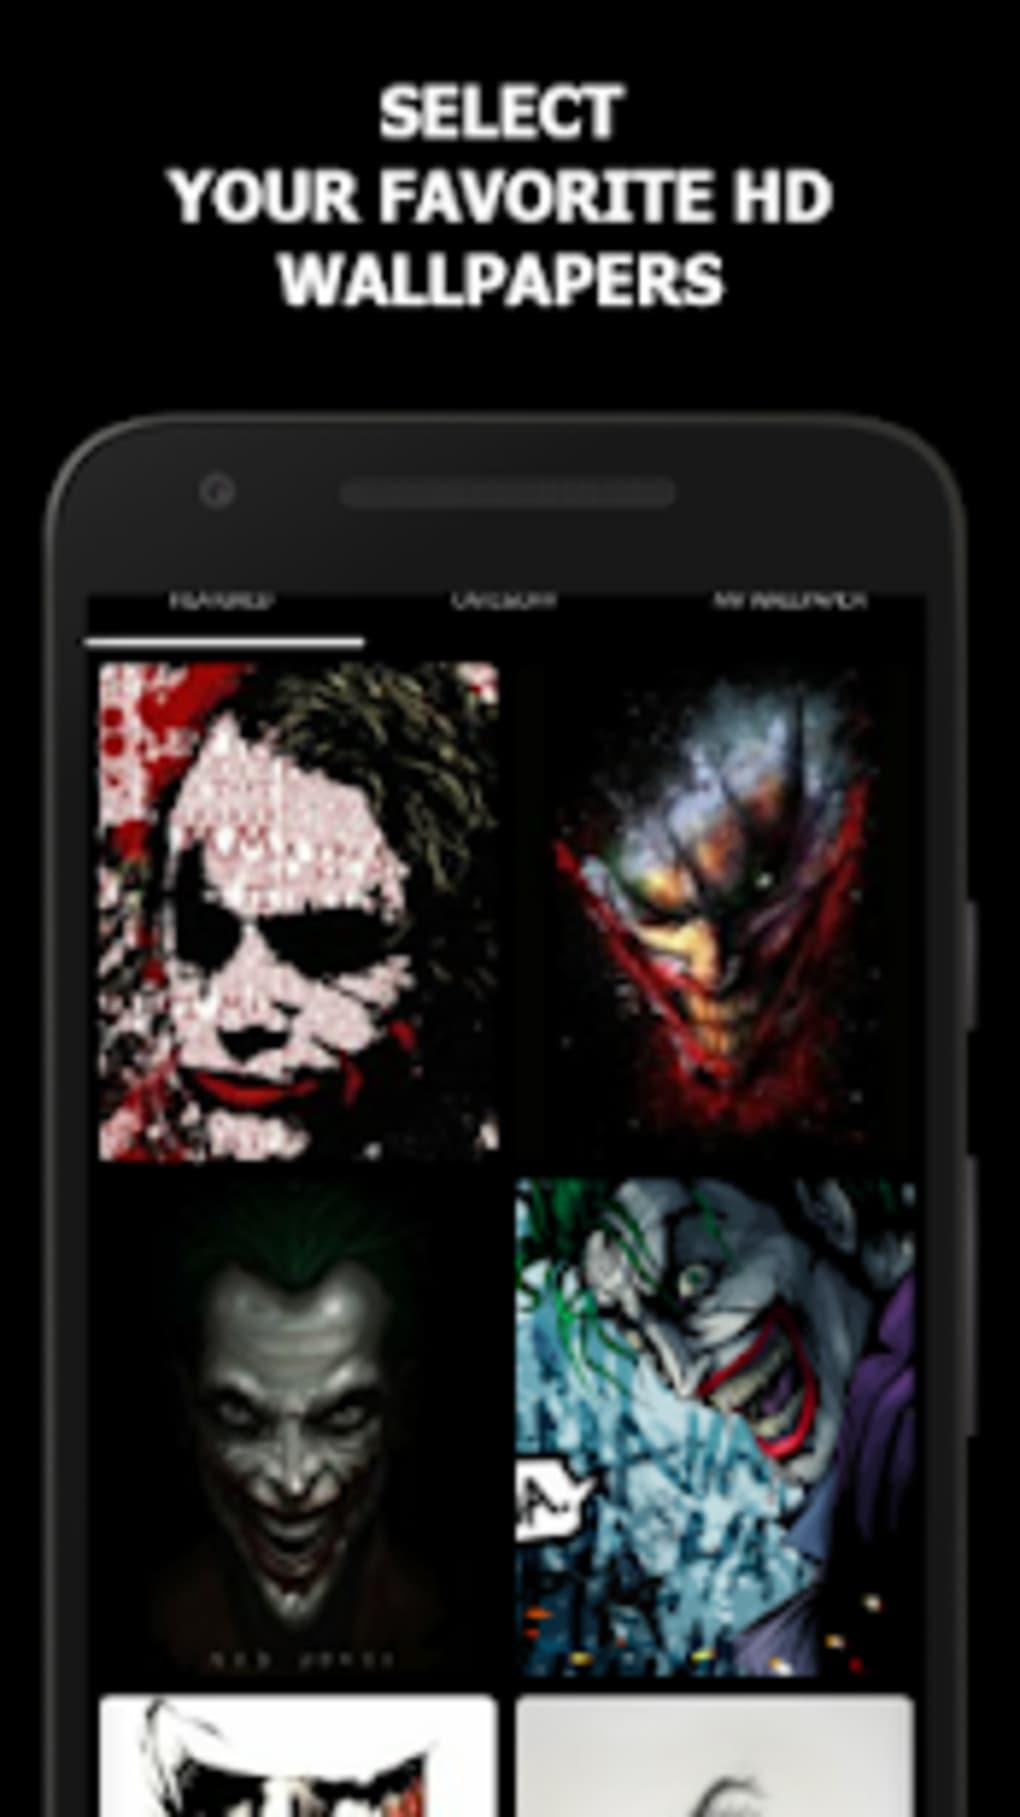 Joker Wallpaper - 4k - Hd Wallpapers - Sad Joker Wallpaper For Mobile 4k , HD Wallpaper & Backgrounds